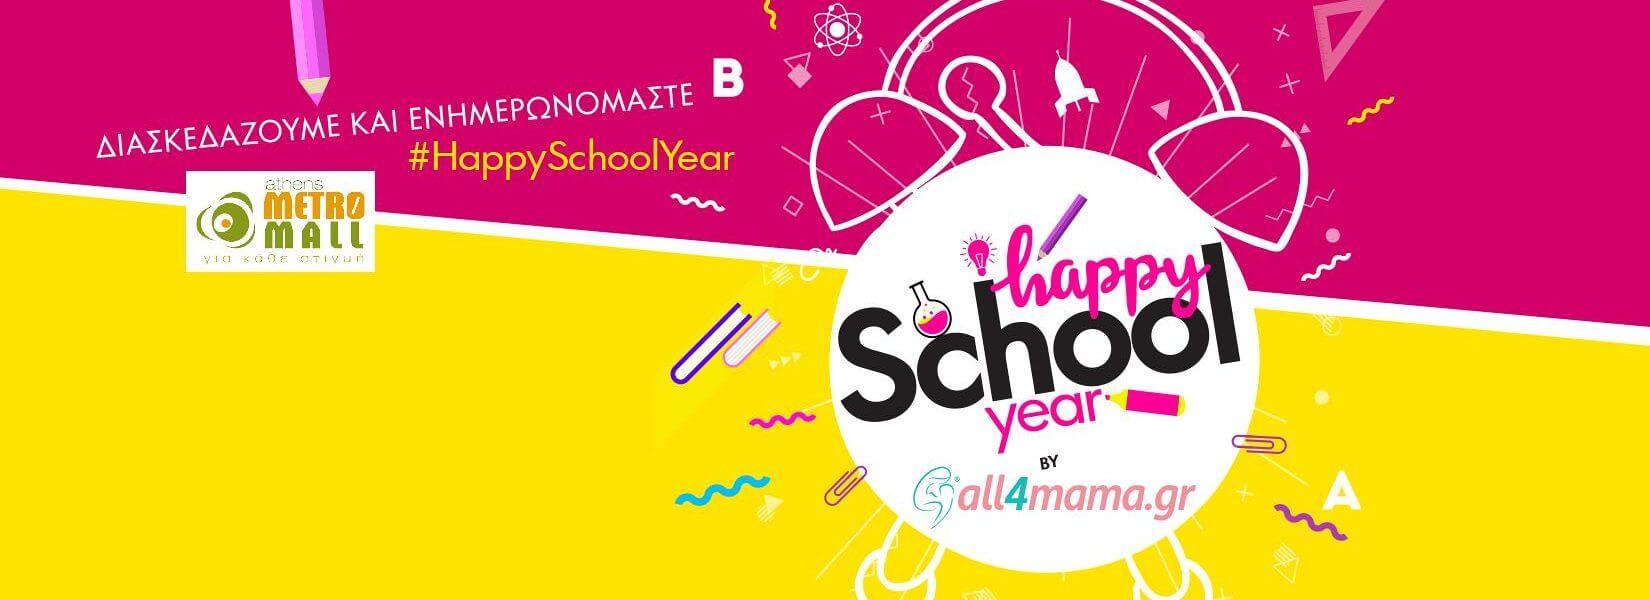 Happy School Year στις 14 Σεπτεμβρίου!